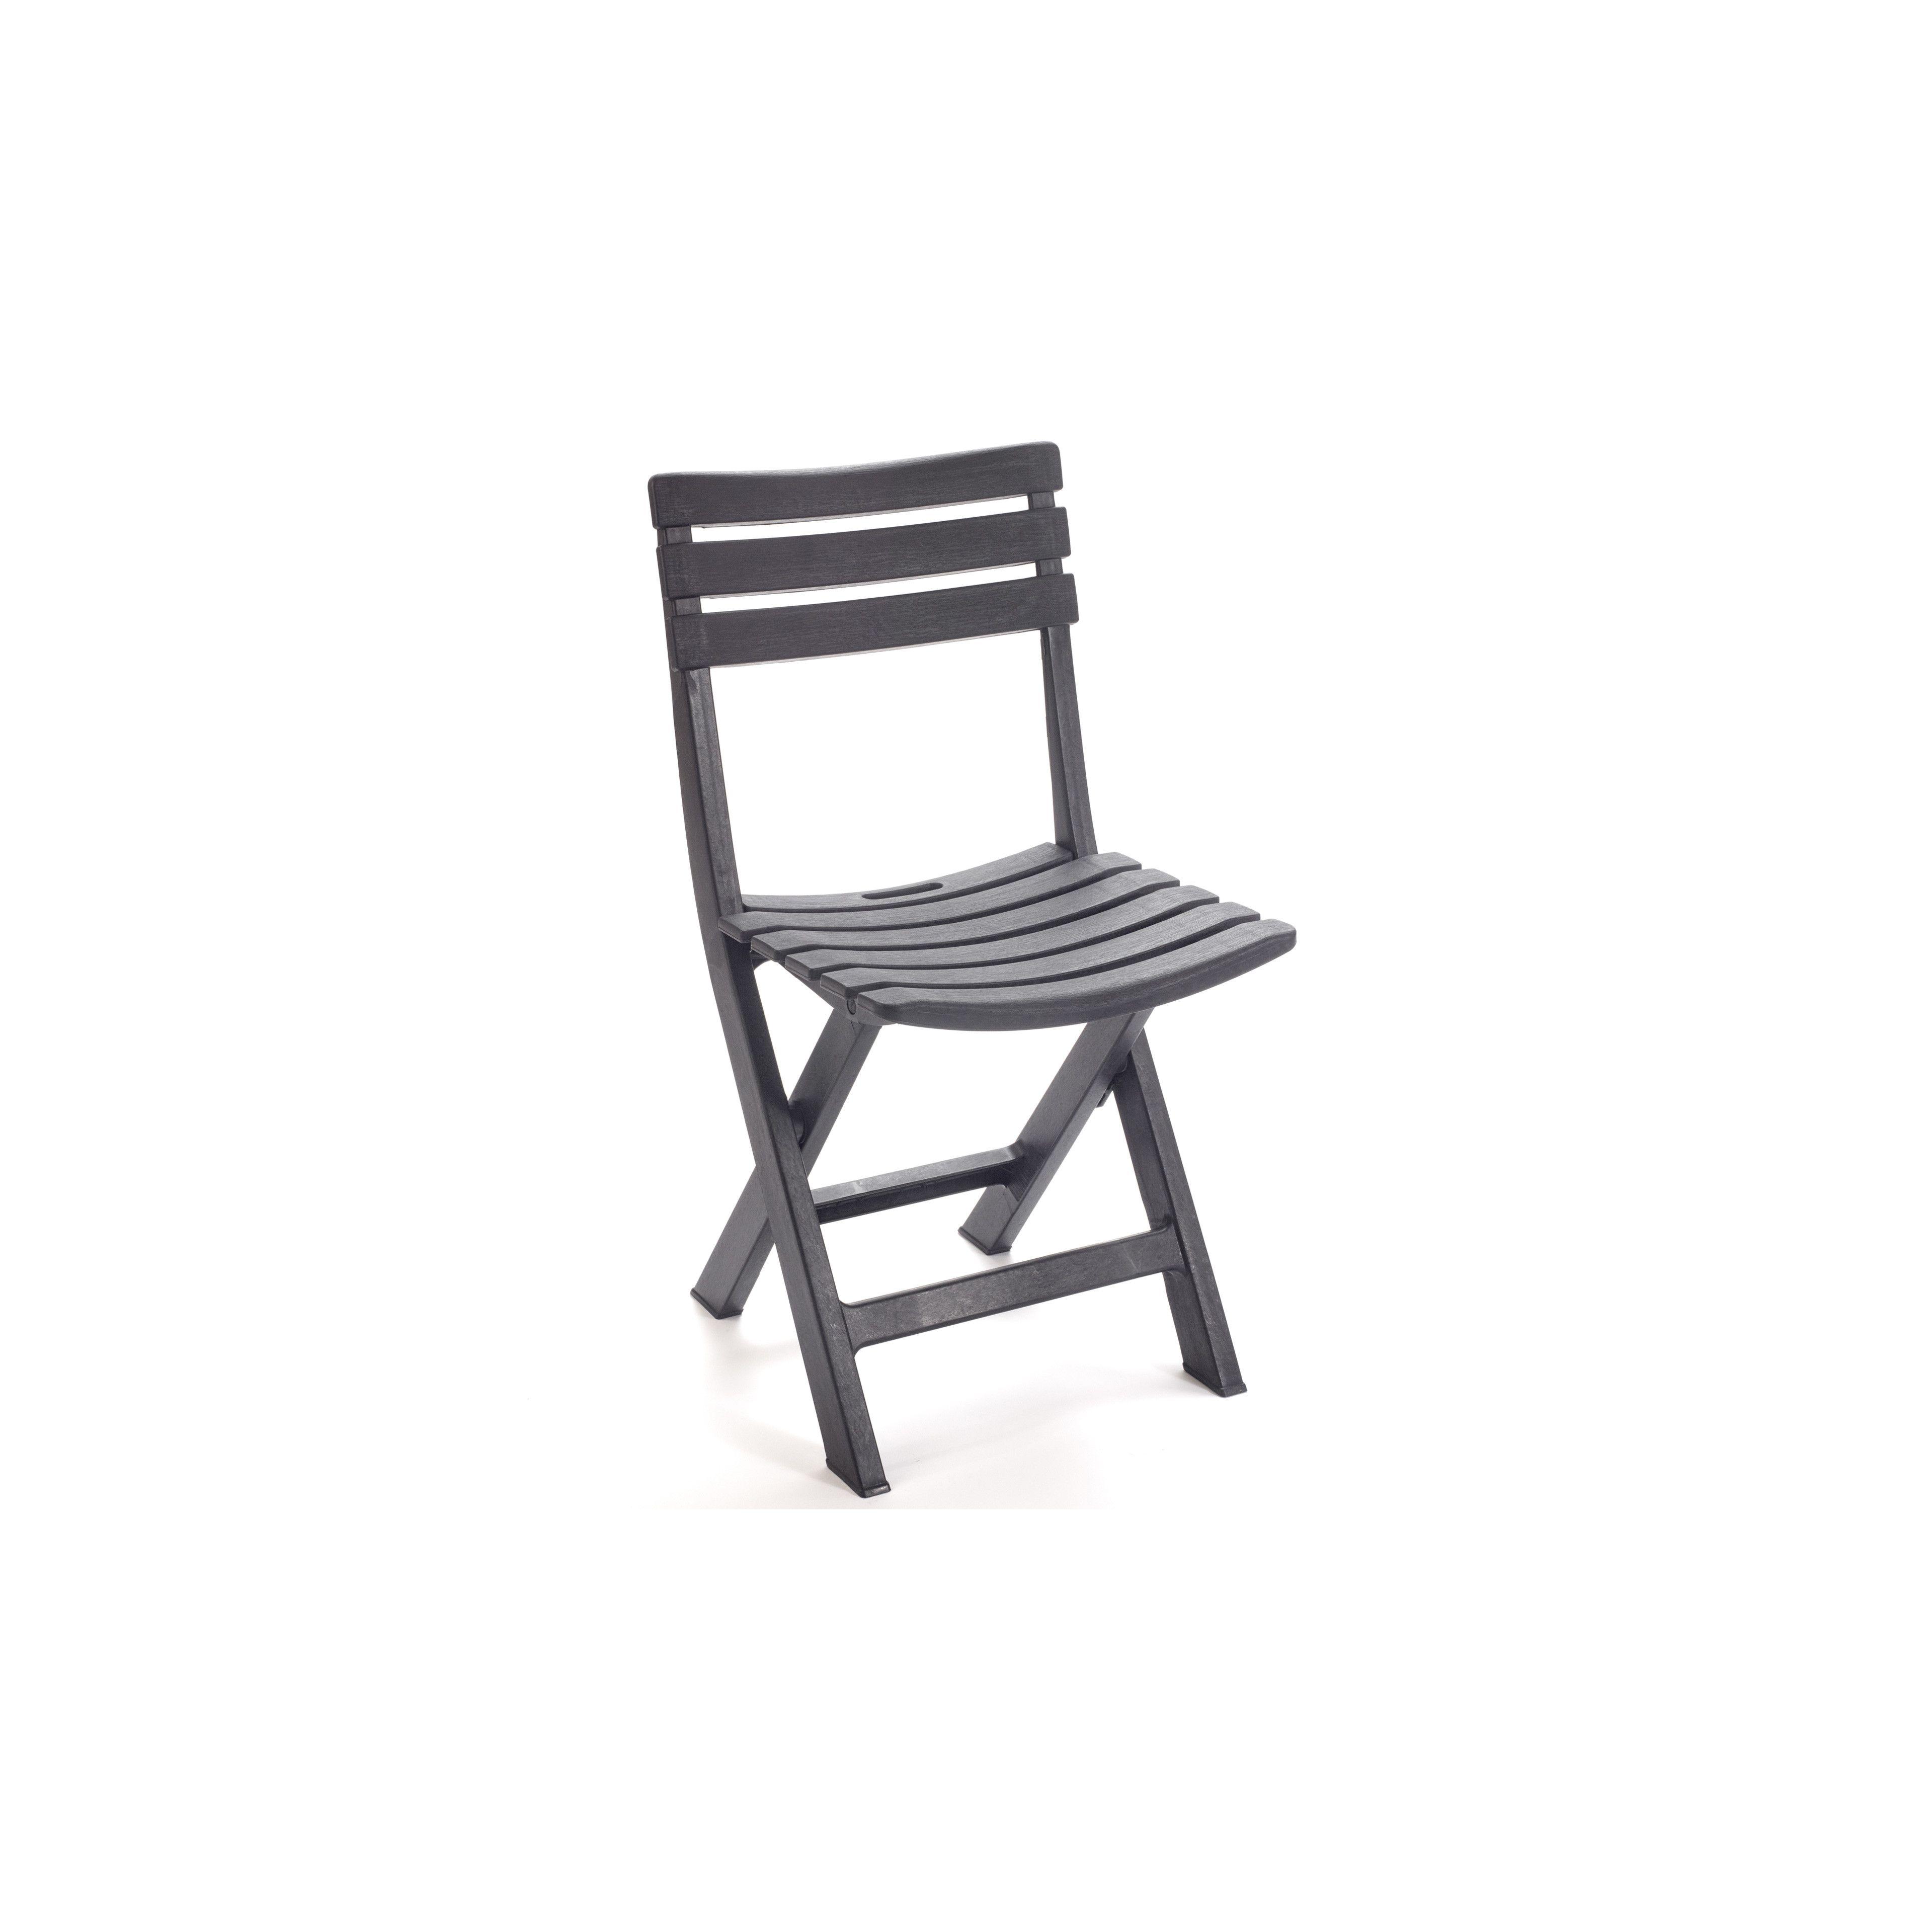 Chaise pliante de jardin en PVC